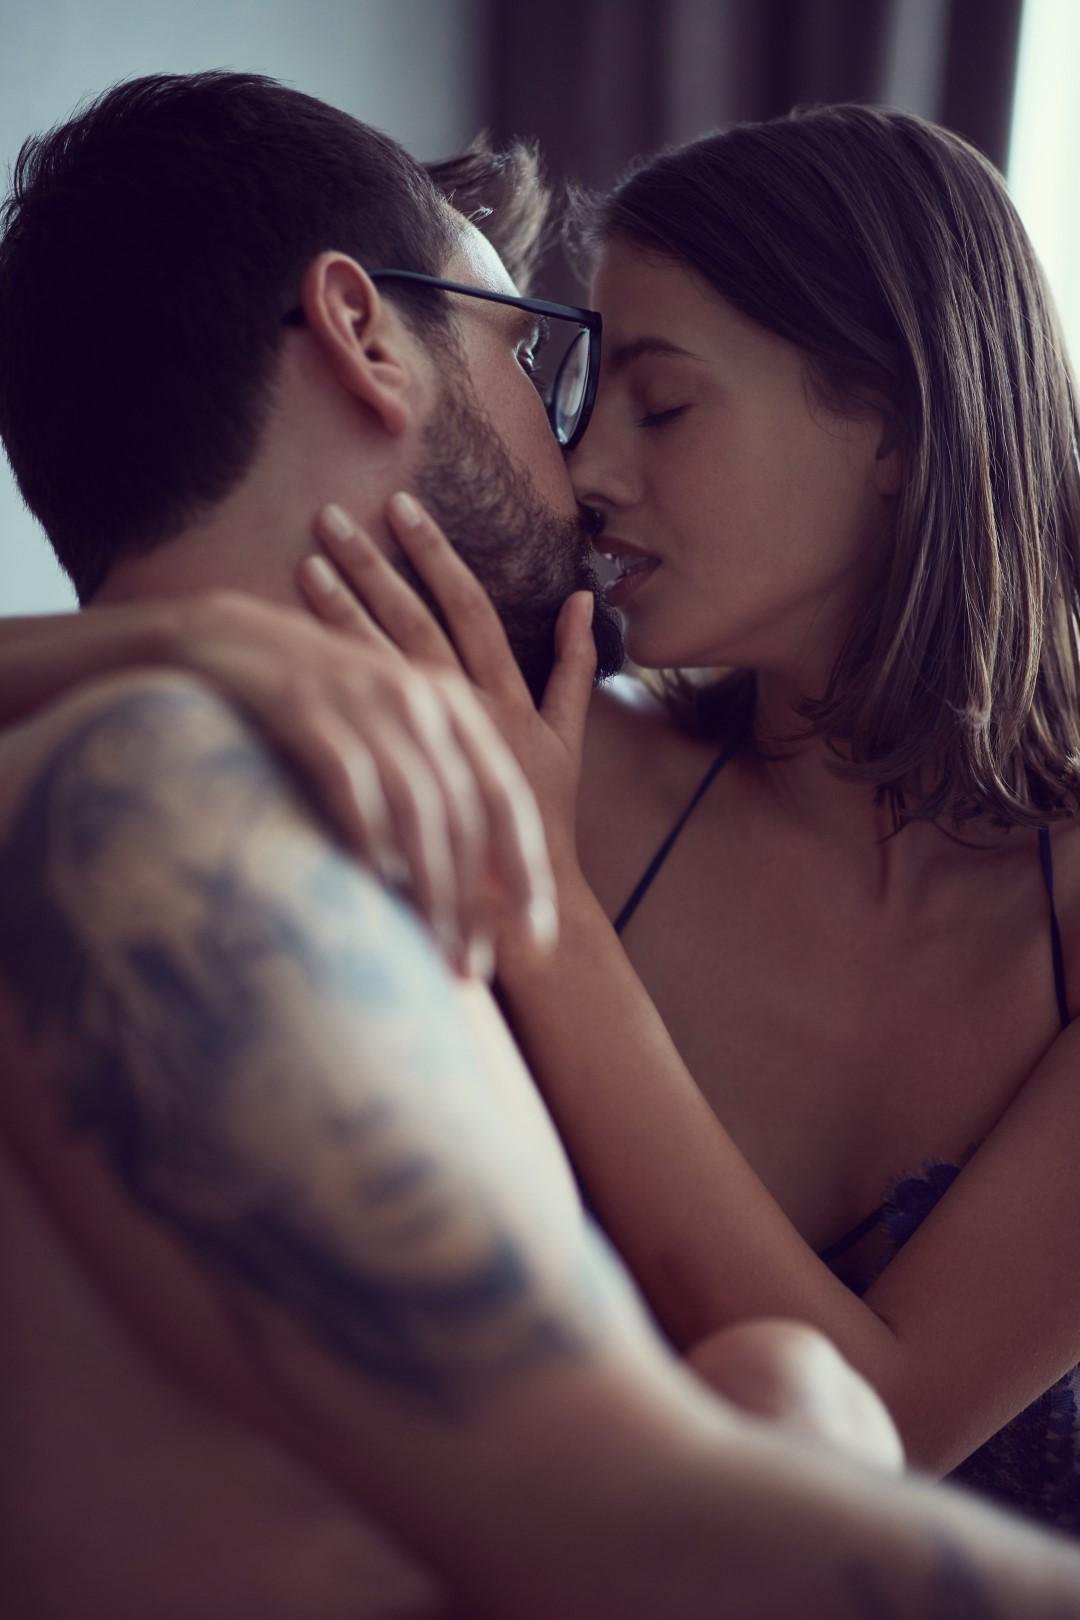 najpopularnije seks poze